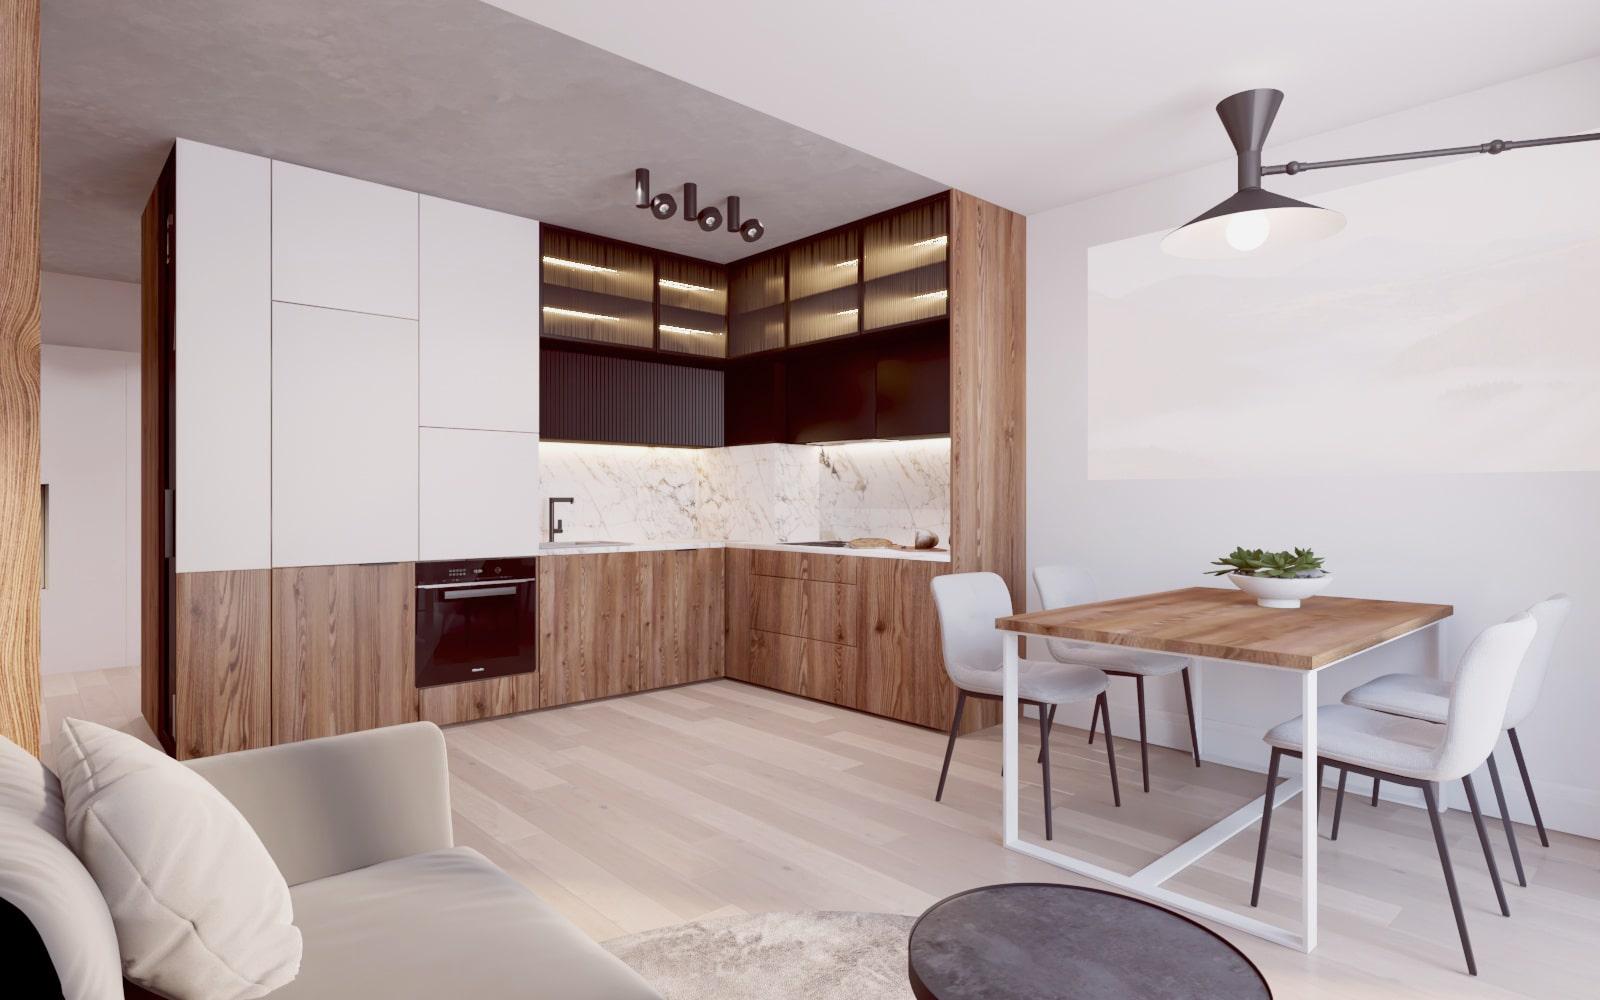 Połączenie kuchni i salonu - modernistyczny projekt wykonany przez architektów wnętrz z Krakowa.